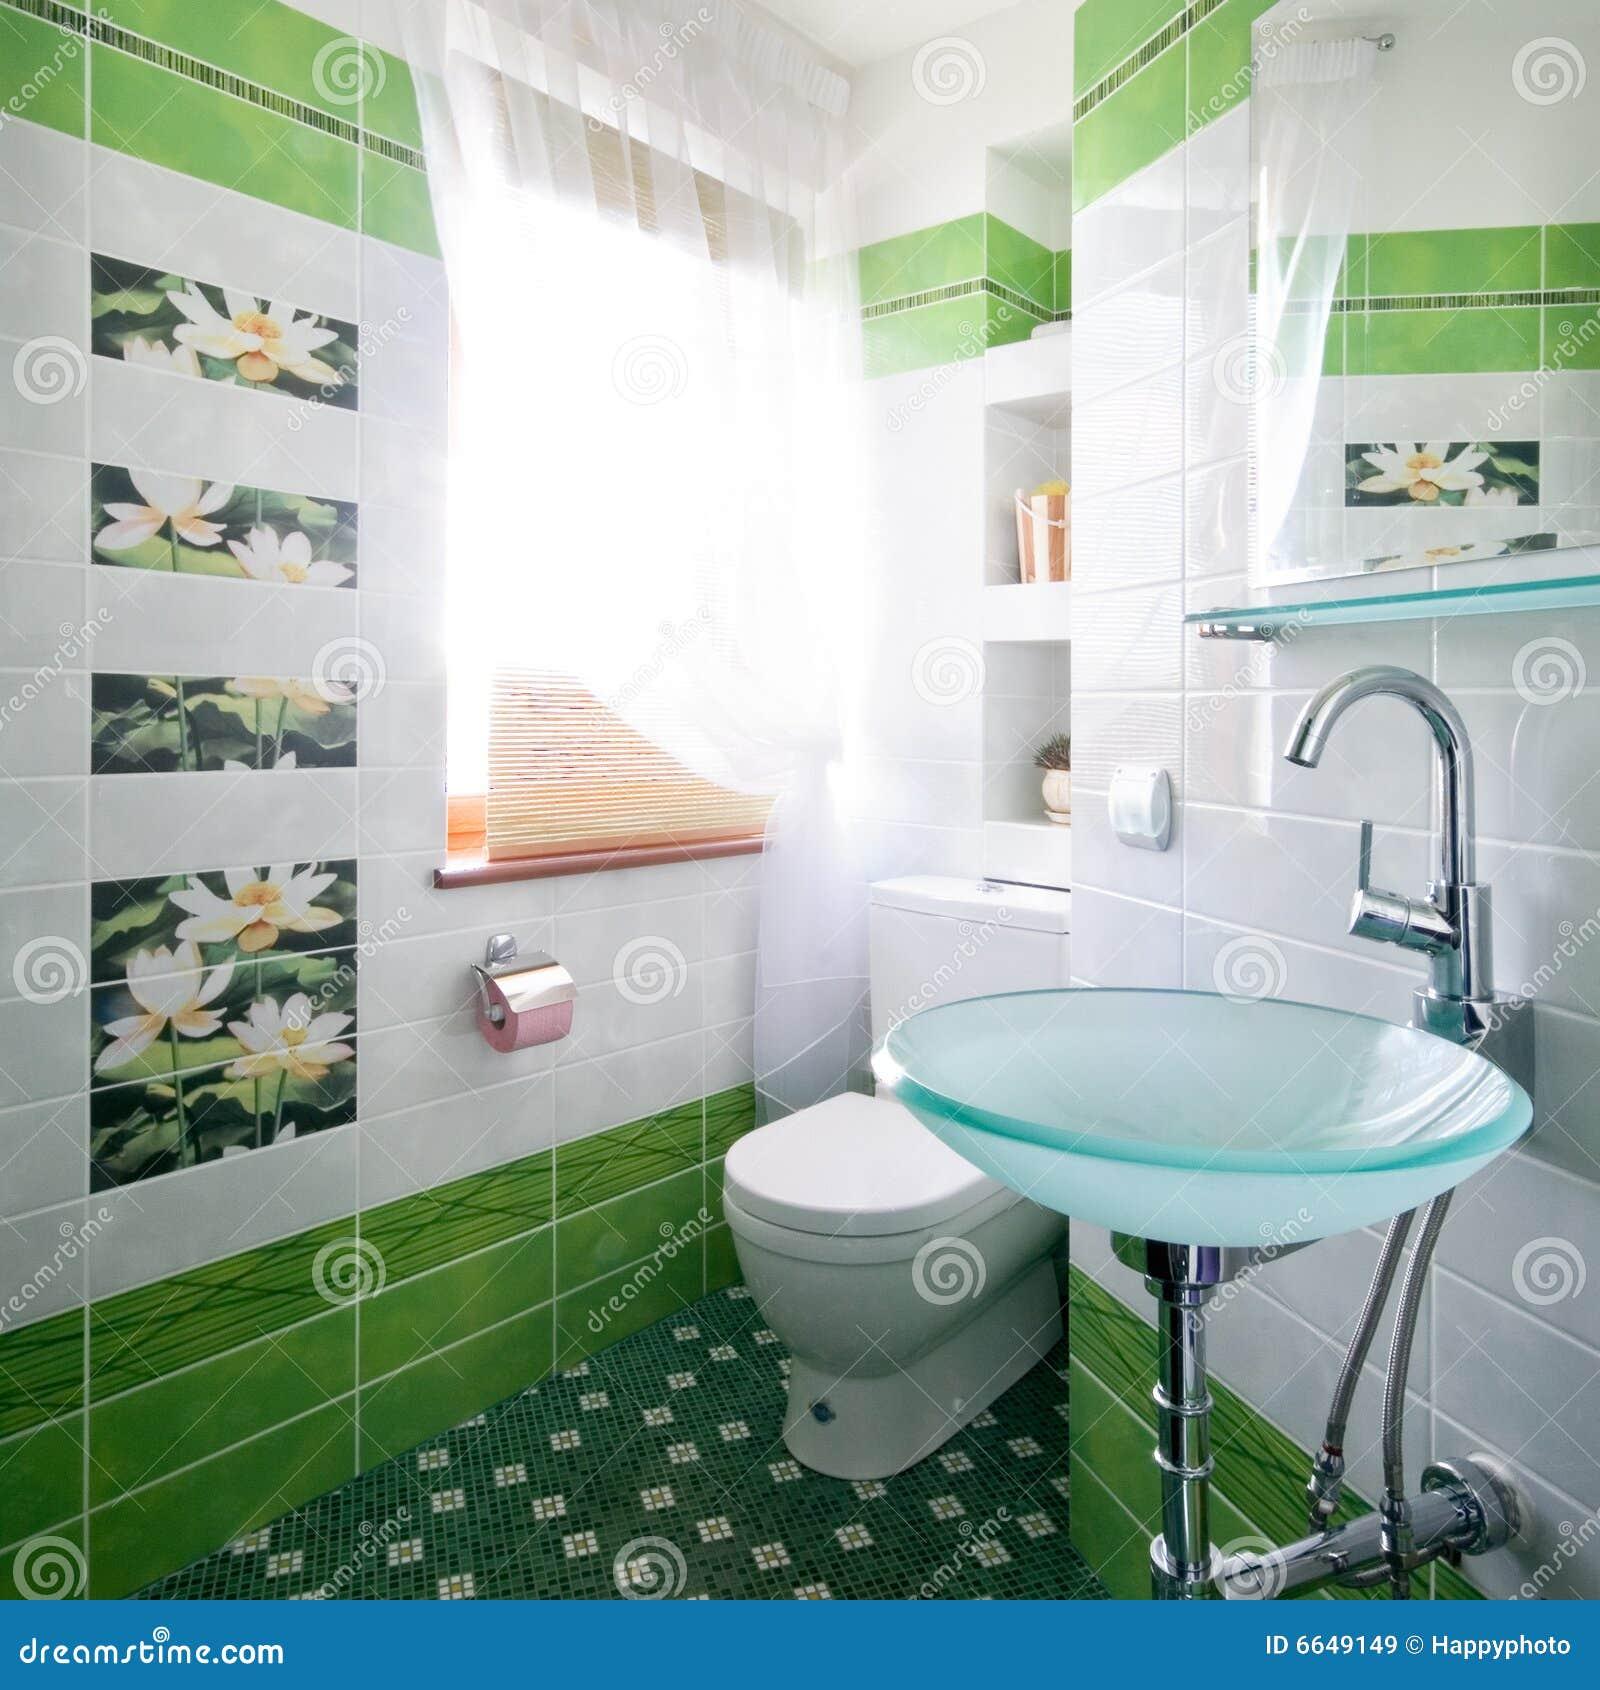 Nieuw ontwerp van toiletruimte royalty vrije stock afbeeldingen afbeelding 6649149 - Kleur modern toilet ...